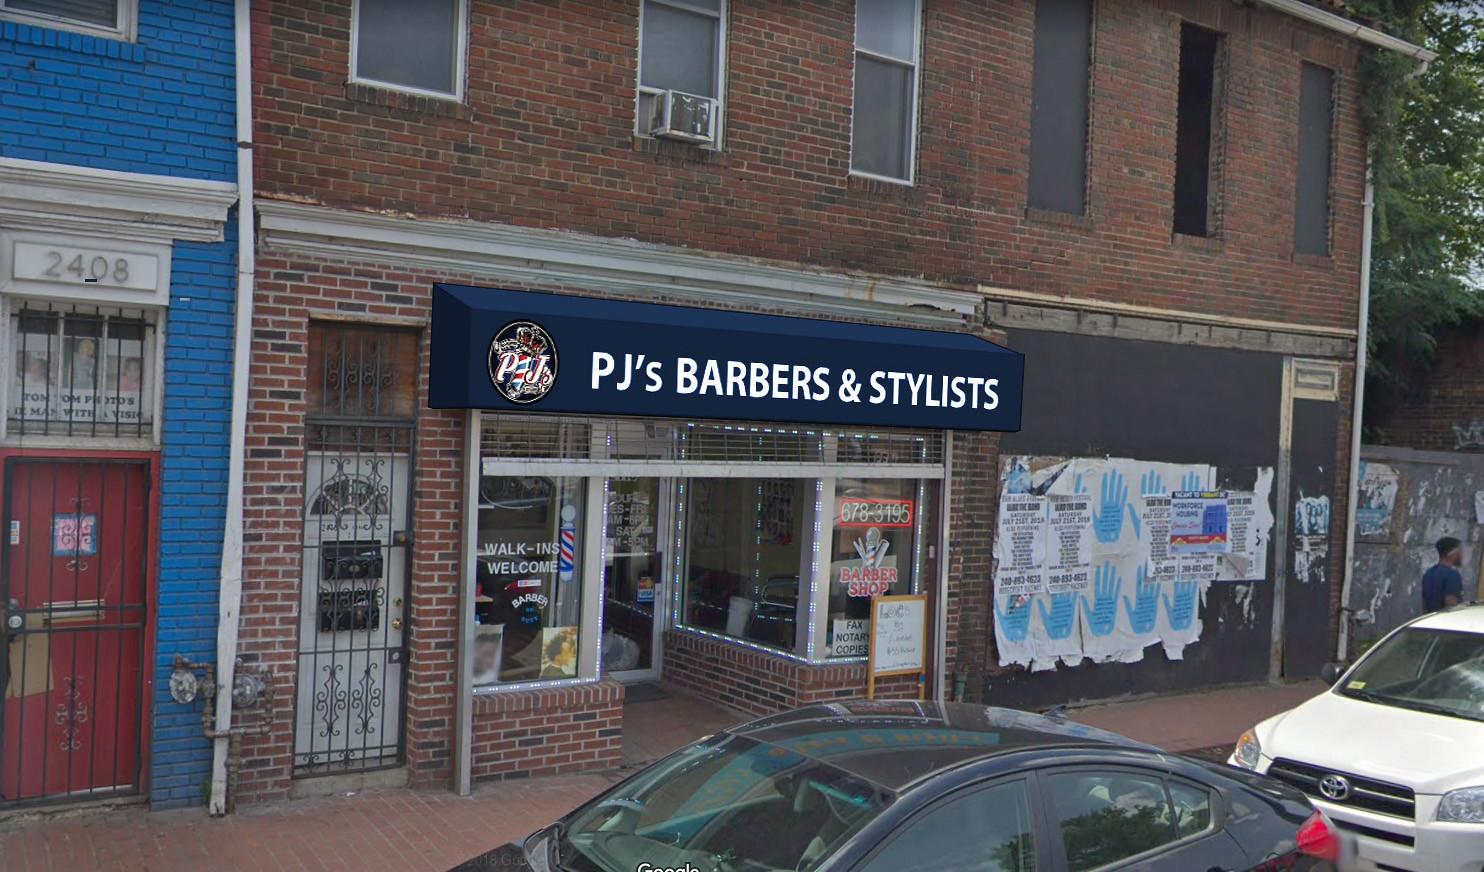 Barbershop Awning Rendering